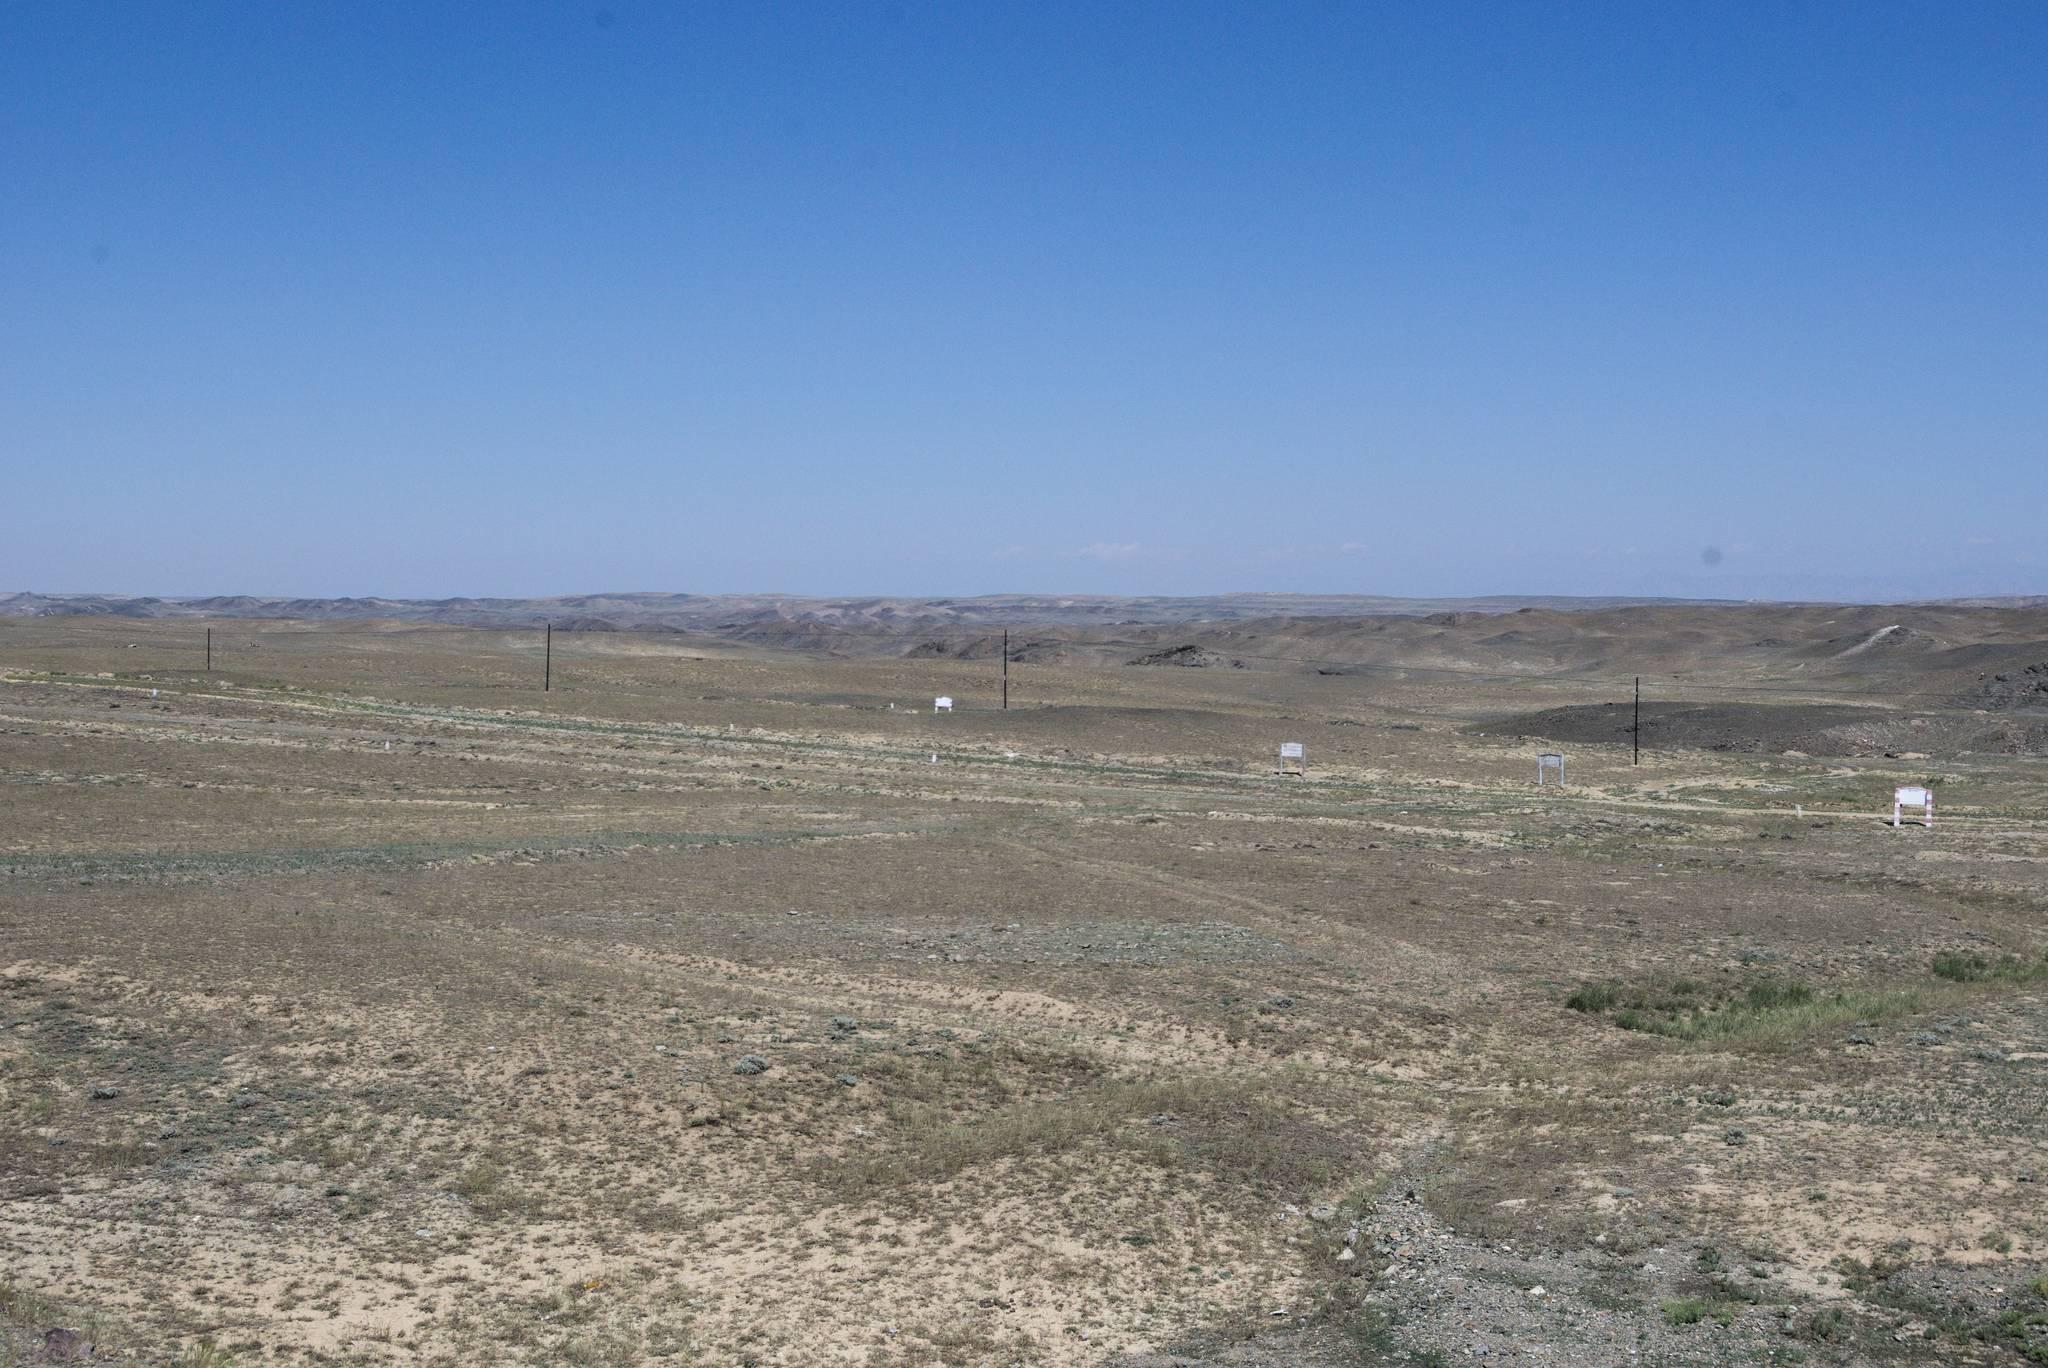 Pogonili mnie i jadę główną drogą przez pustynię